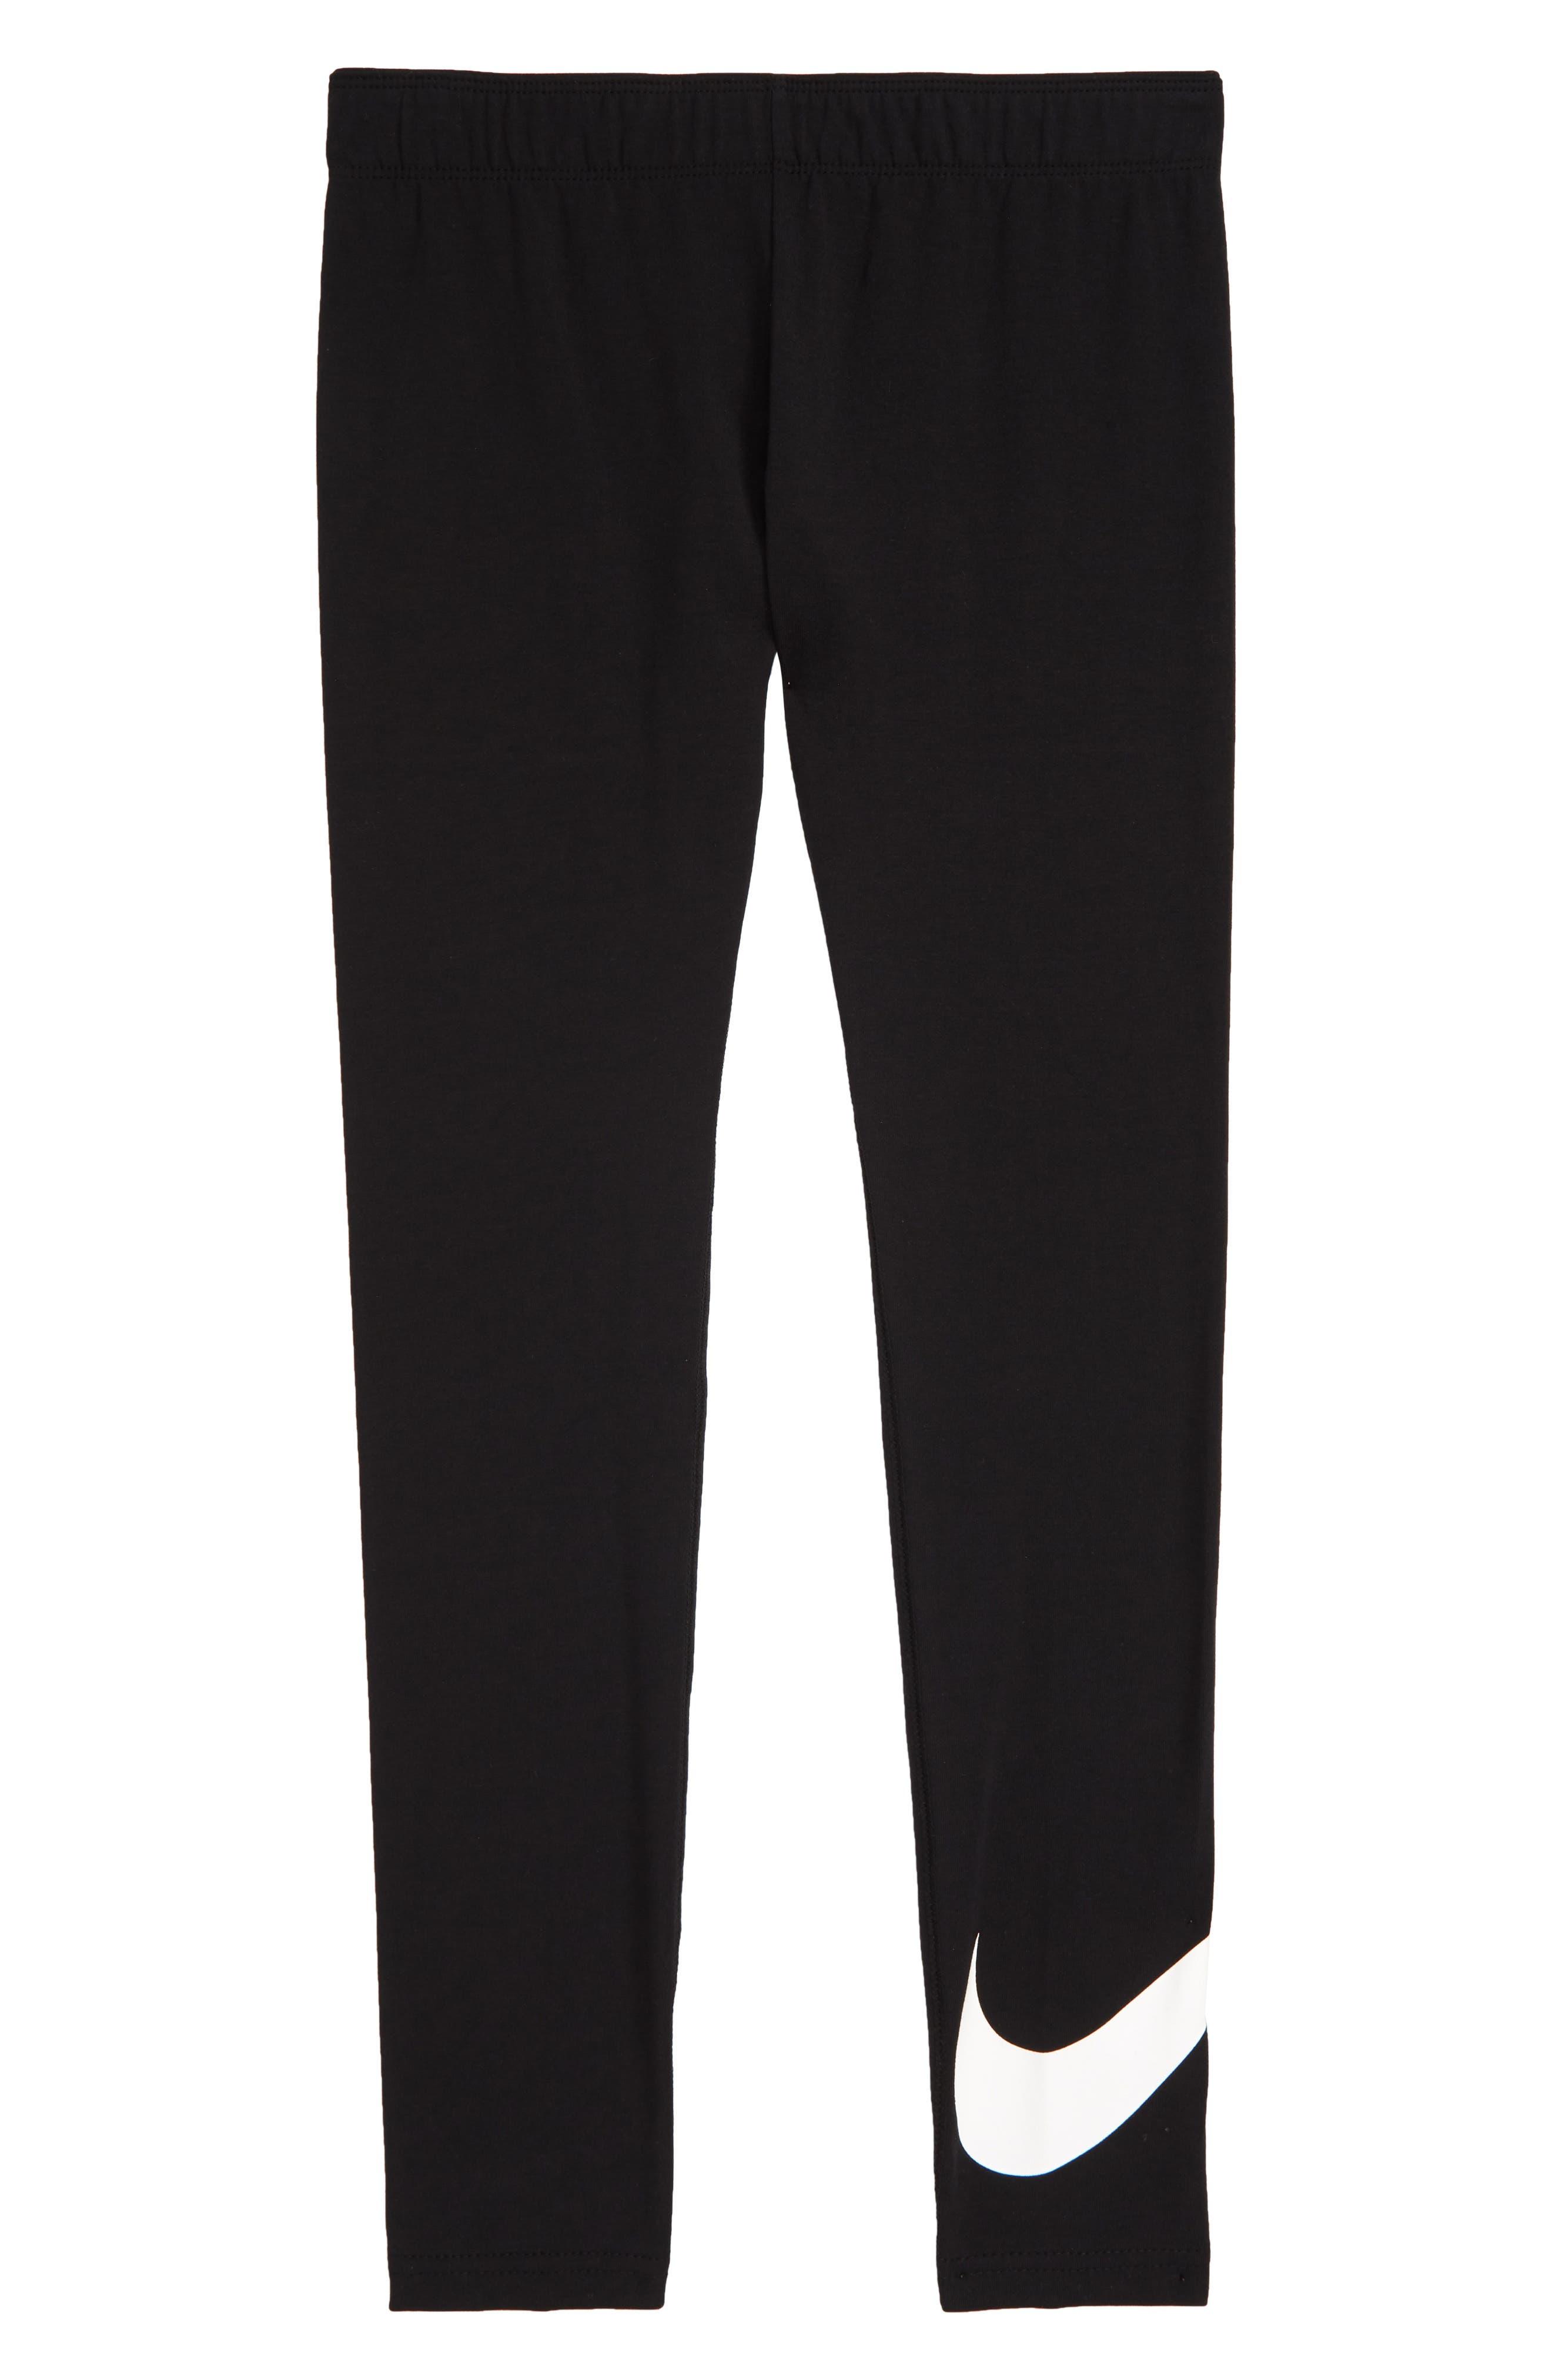 NIKE, Sportswear Swoosh Leggings, Main thumbnail 1, color, BLACK/ WHITE